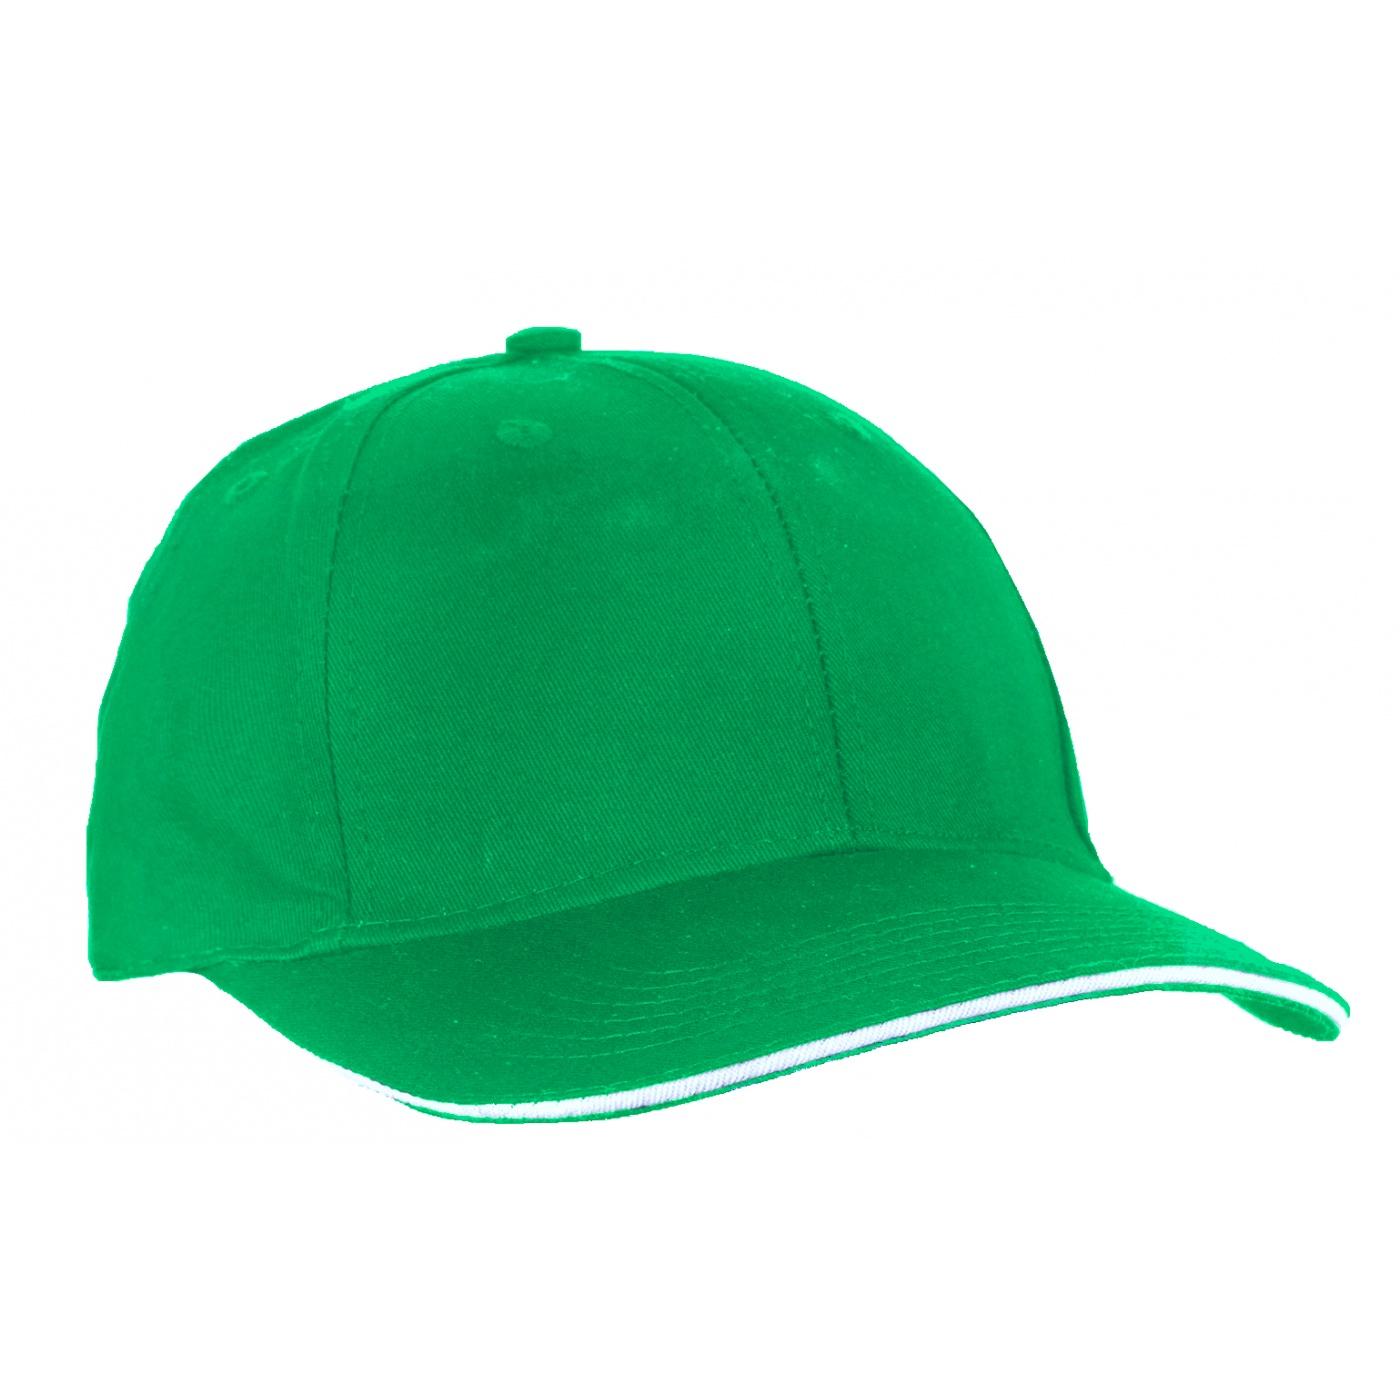 Czapka z daszkiem bejsbolówka – zielona z białym akcentem w daszku